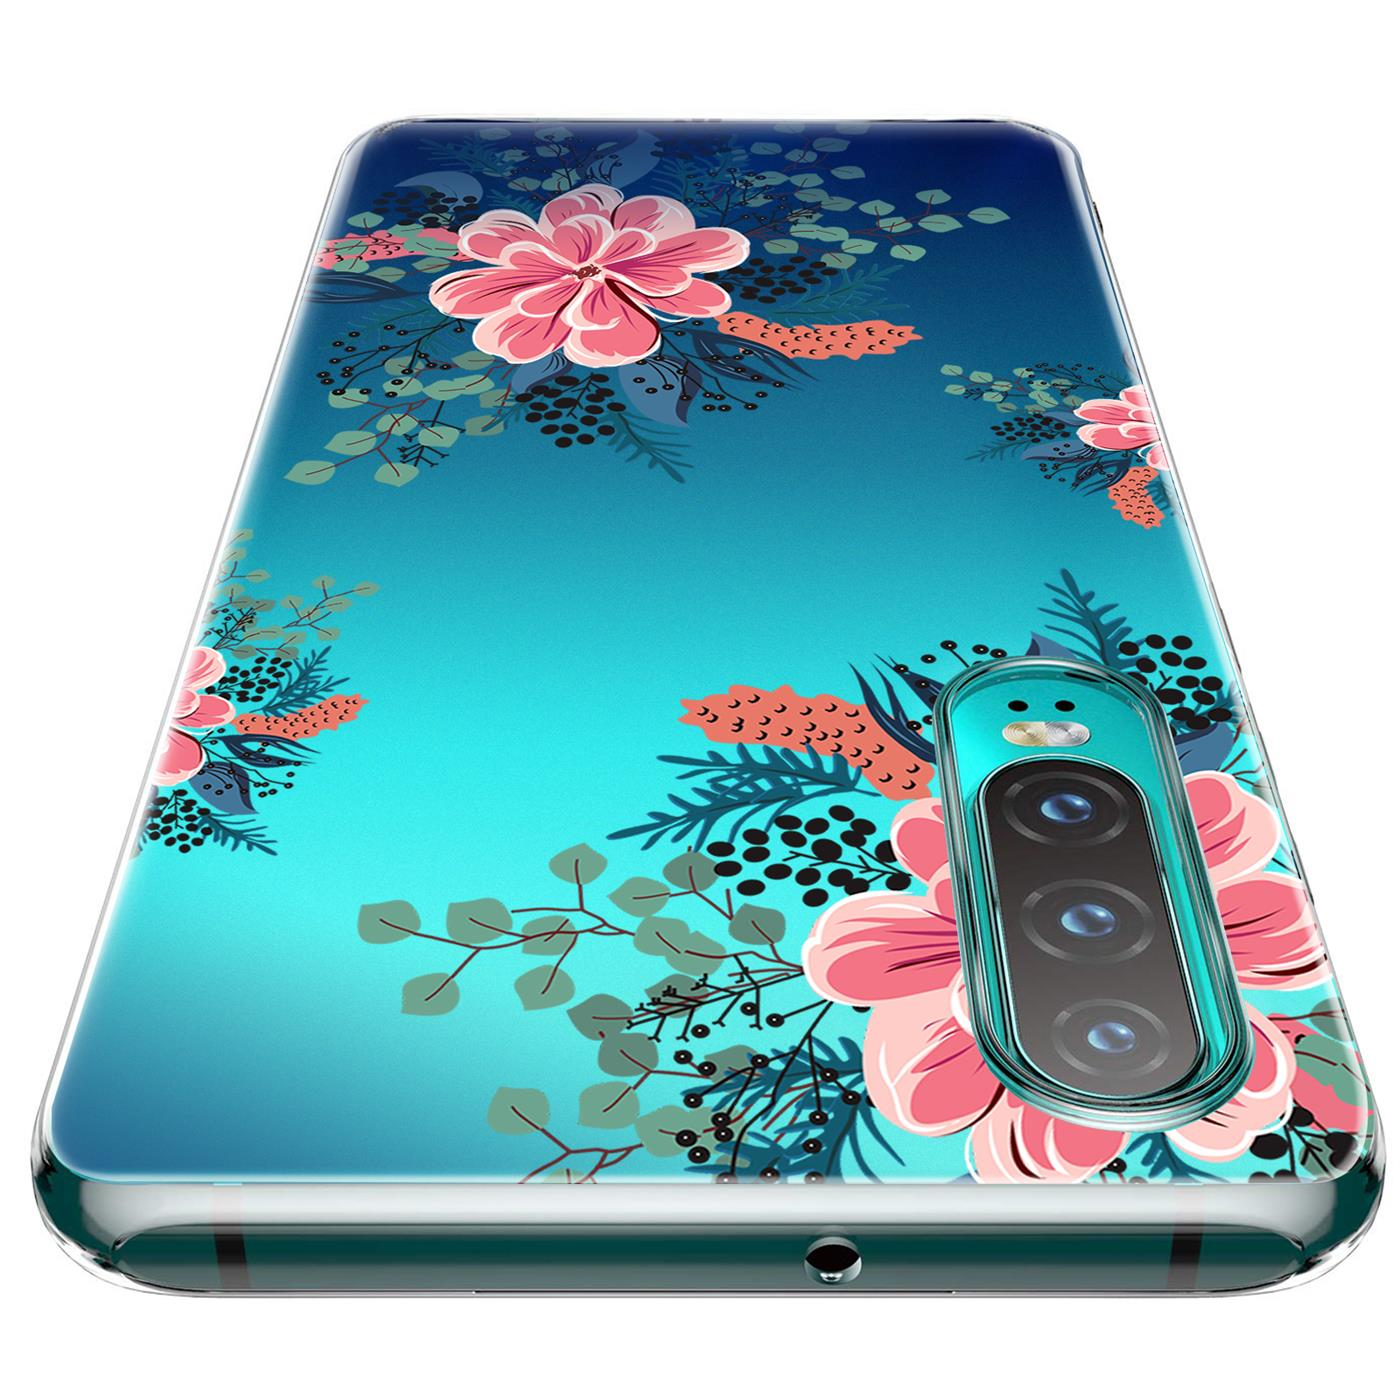 Huawei-P30-Lite-Motiv-Handy-Huelle-Silikon-Tasche-Schutzhuelle-Cover-Slim-TPU-Case Indexbild 40